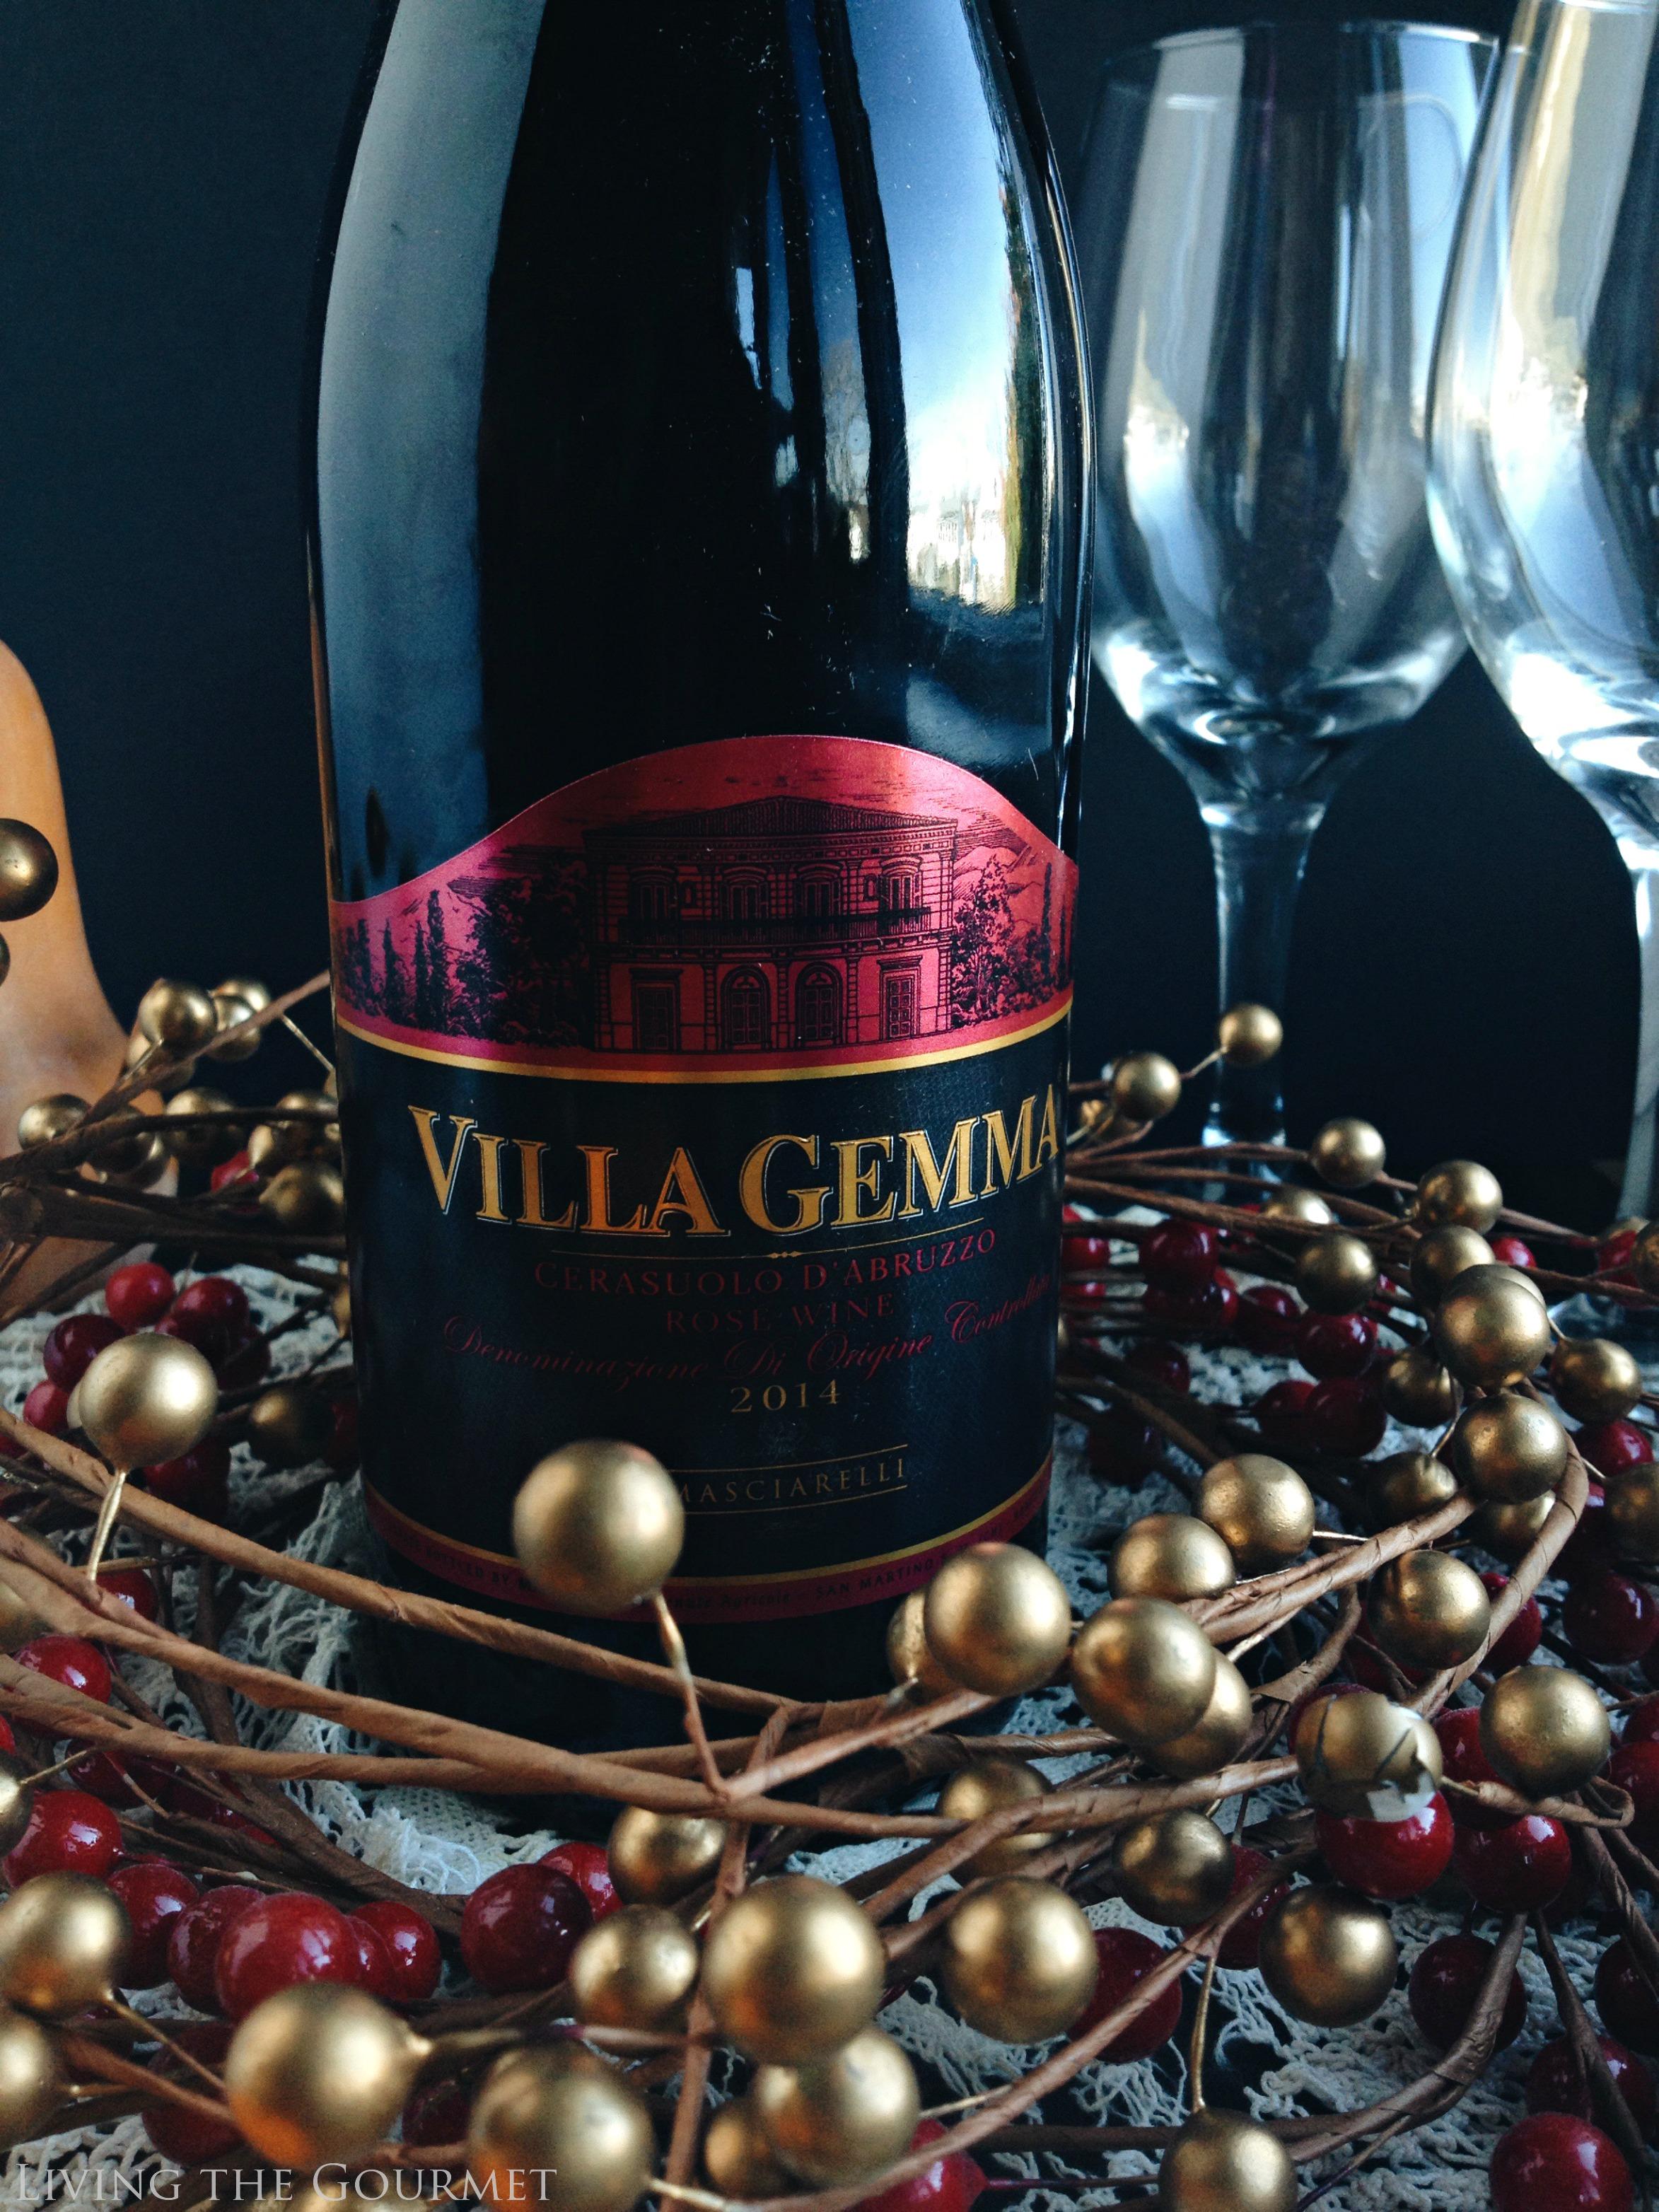 Living the Gourmet: Villa Gemma Cerasuolo